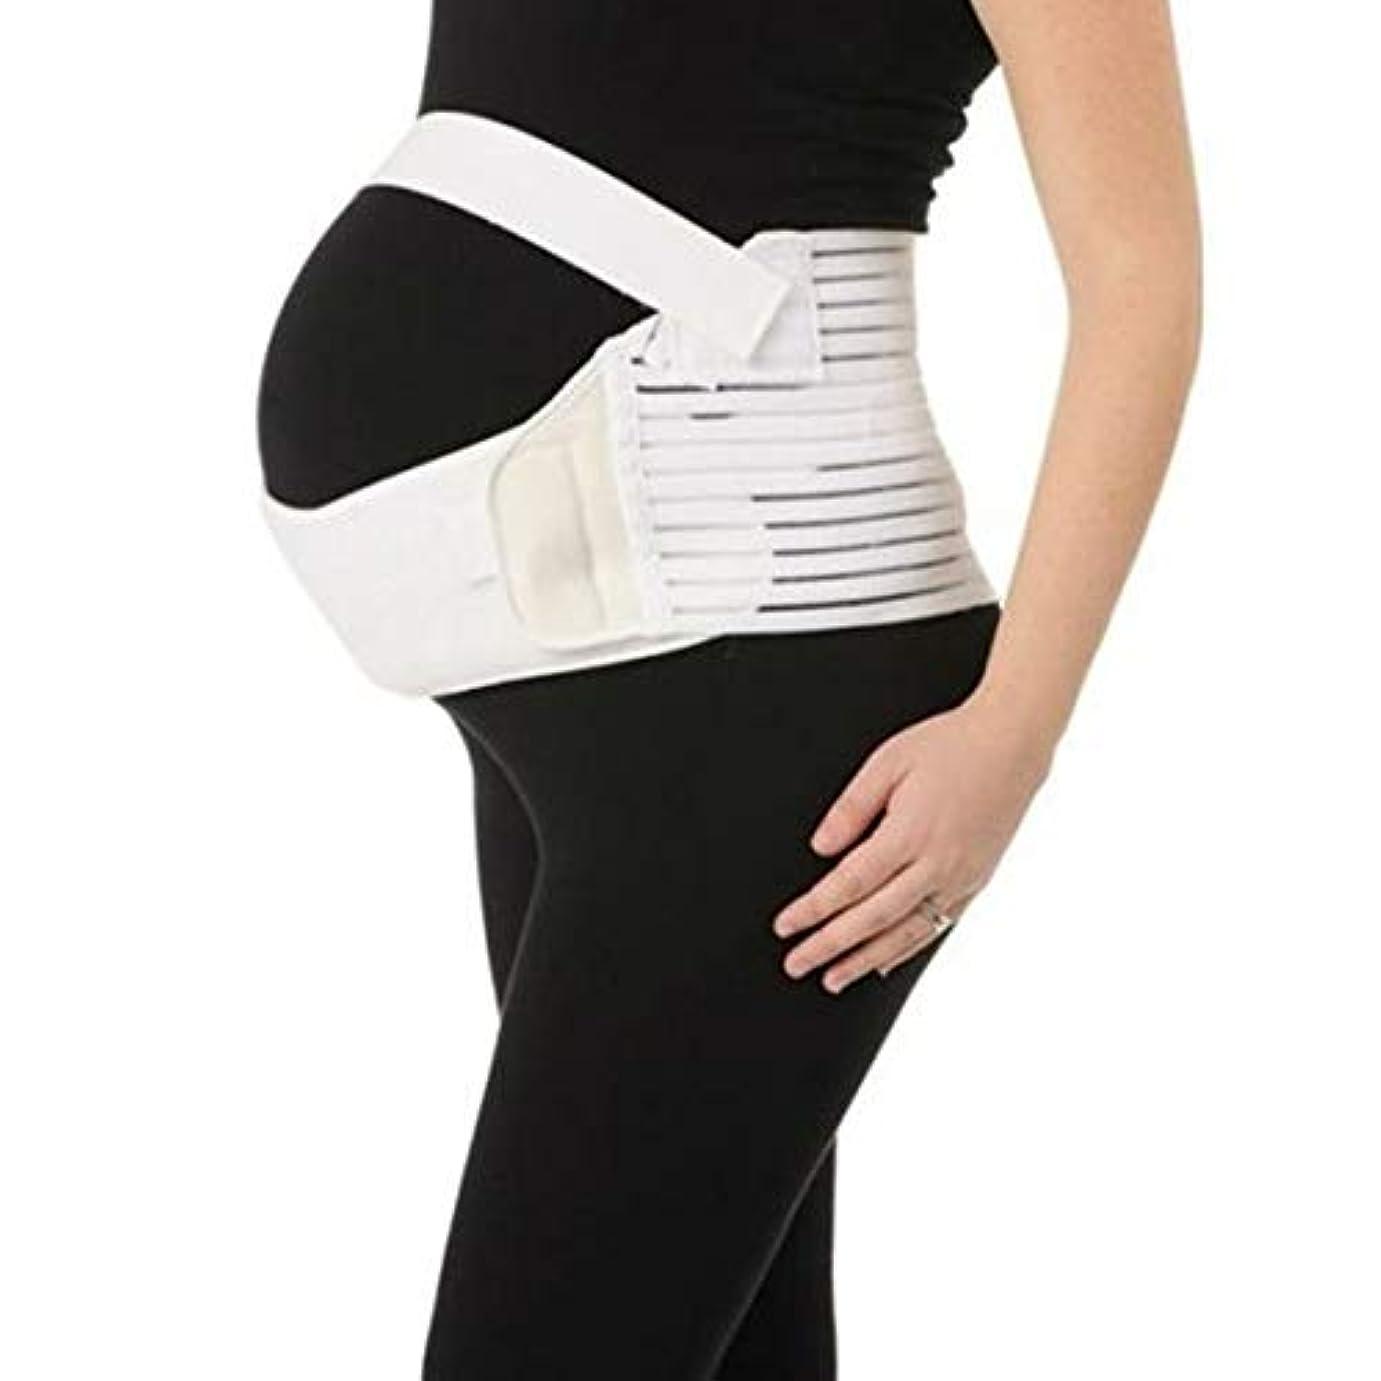 ゲーム宣言する退院通気性産科ベルト妊娠腹部サポート腹部バインダーガードル運動包帯産後の回復形状ウェア - ホワイトM